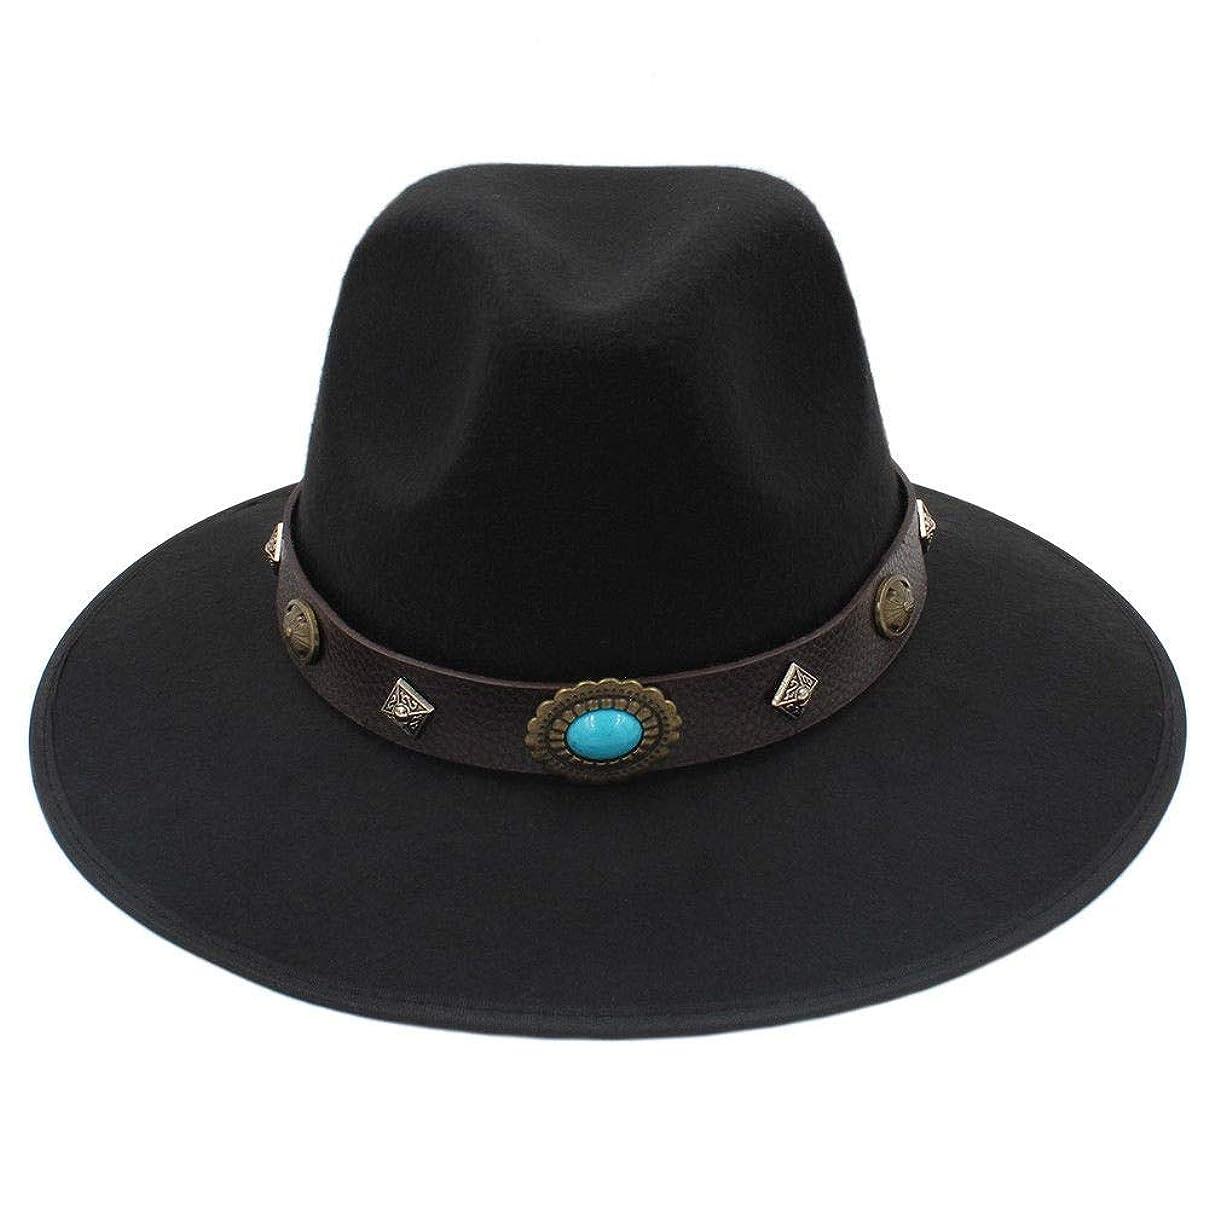 不機嫌土砂降り状態HUIfenghe フラットトップ無地帽子新しい女性ウールキャップファッションエスニックスタイル金属リベットベルトバックルビッグストレートジャズ帽子男性 (Color : Black, Size : 56-58cm)